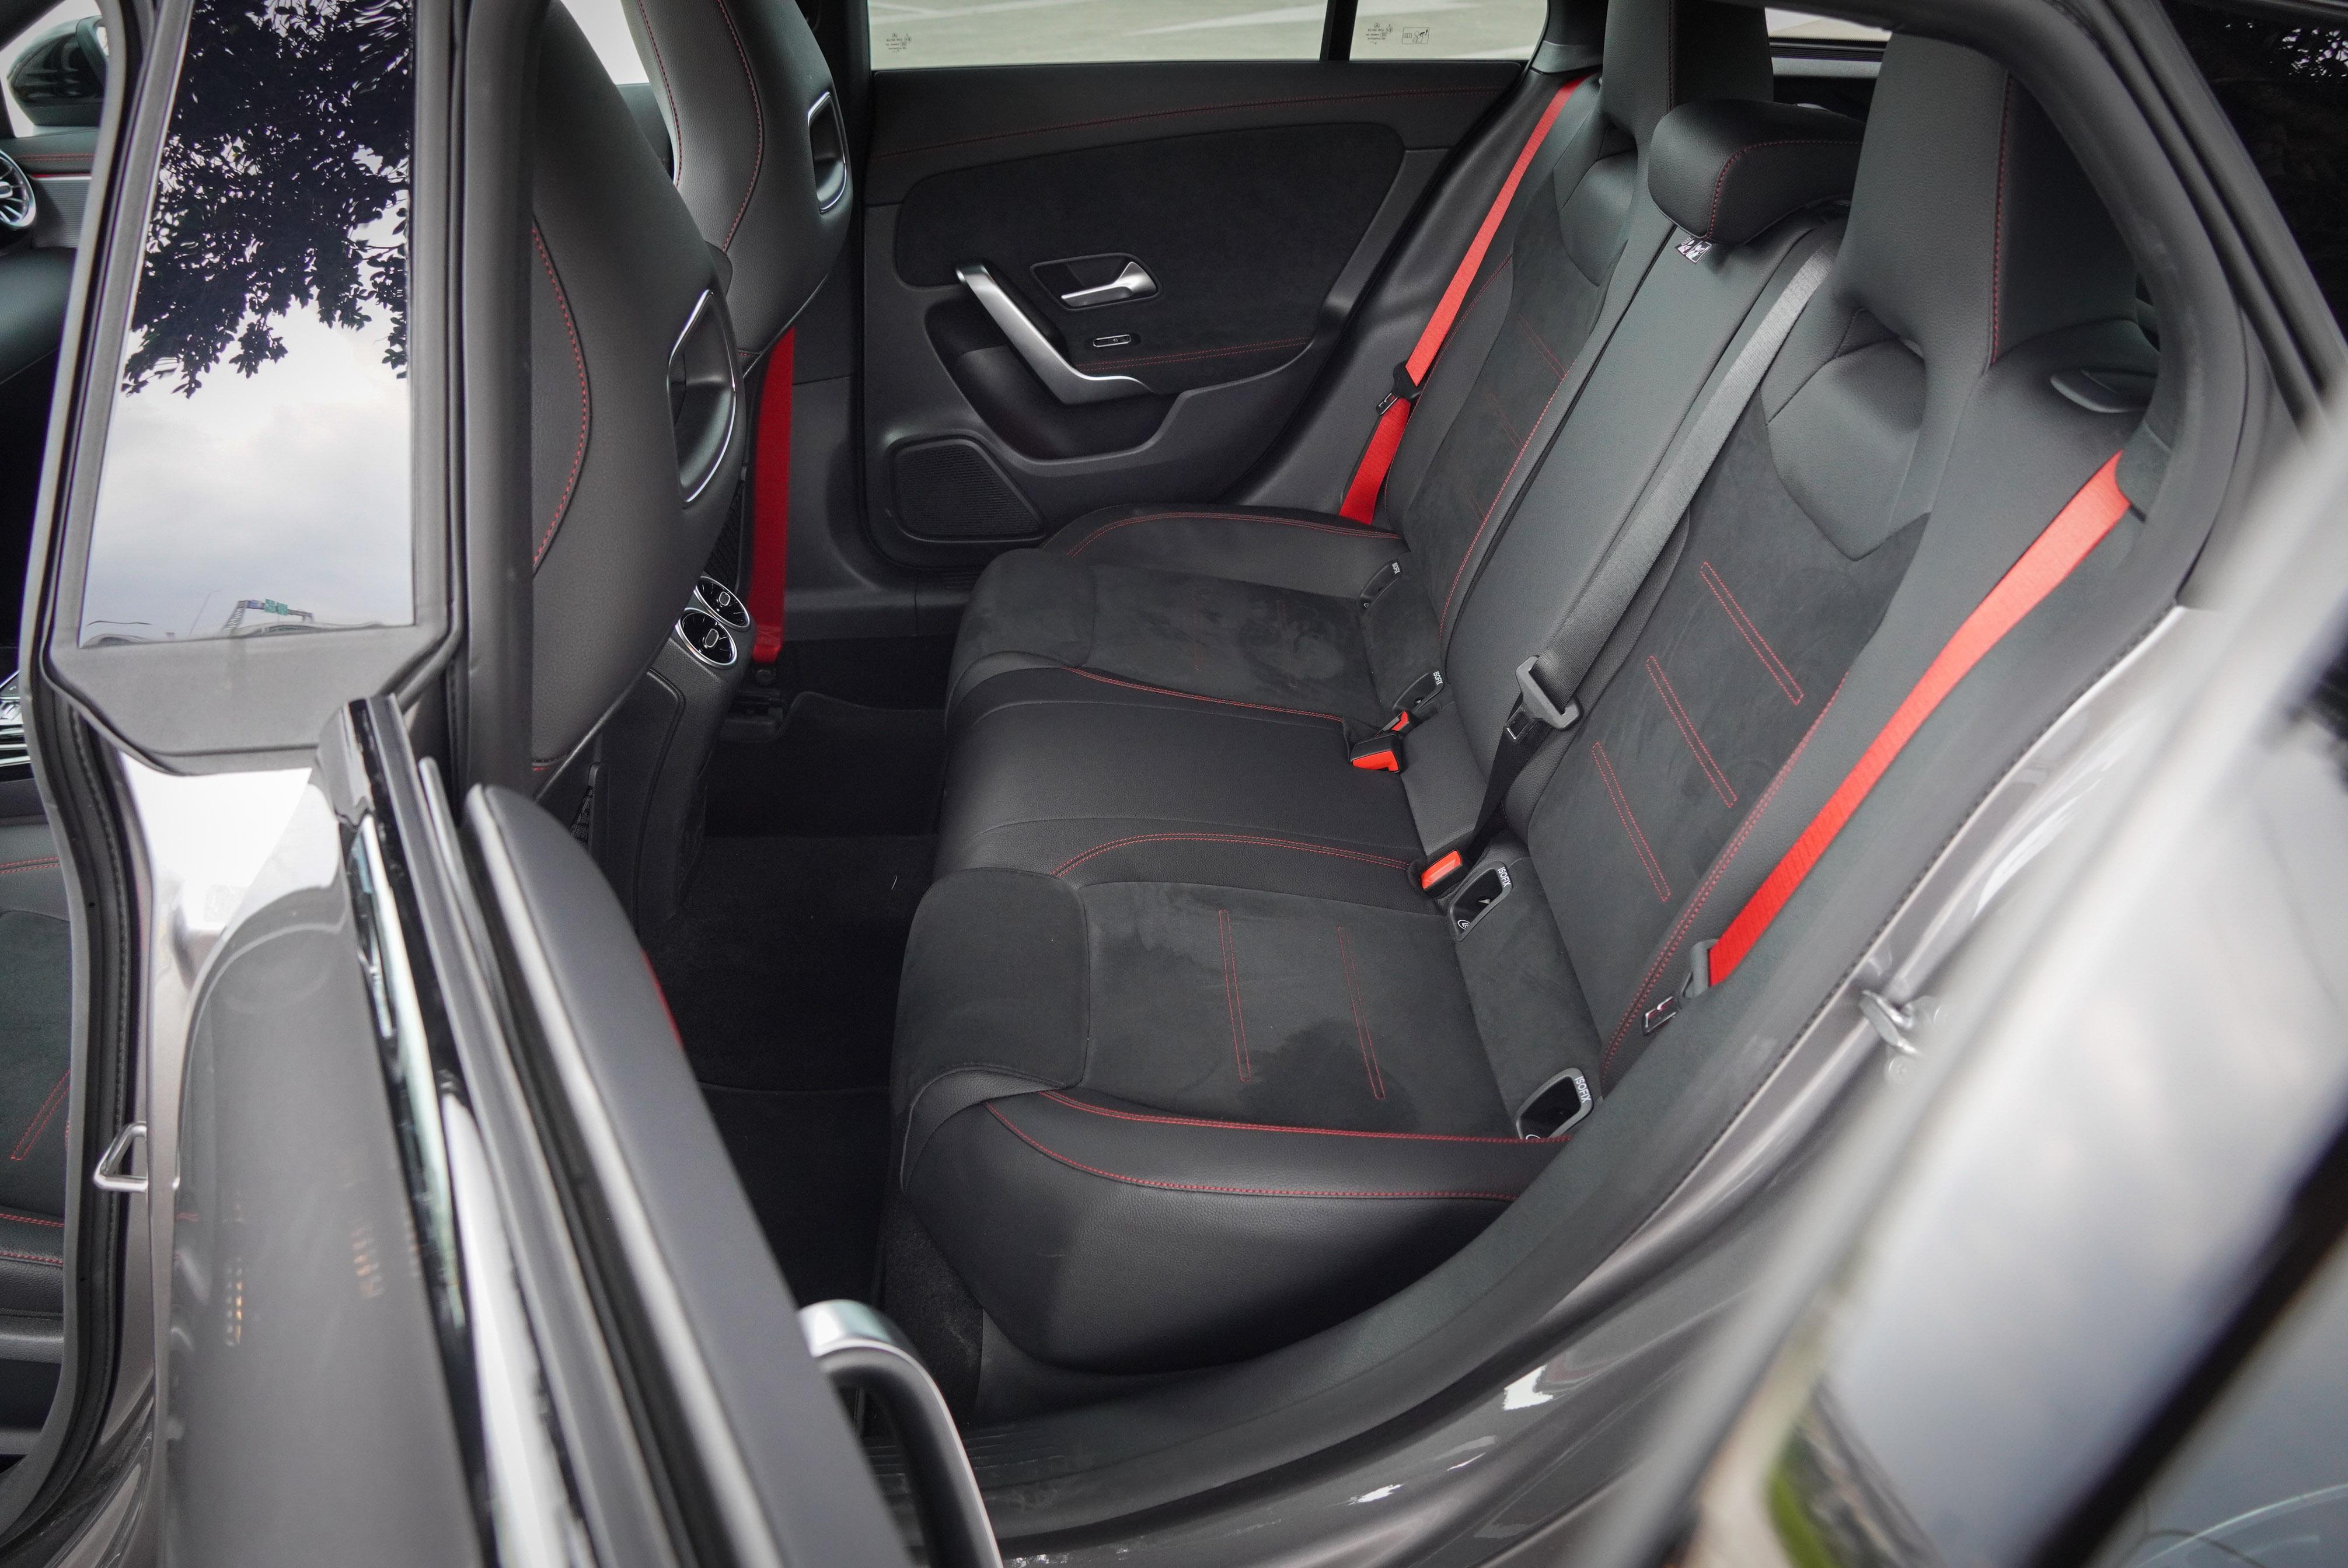 後座擁有出風口,紅色縫線與安全帶也是標配。